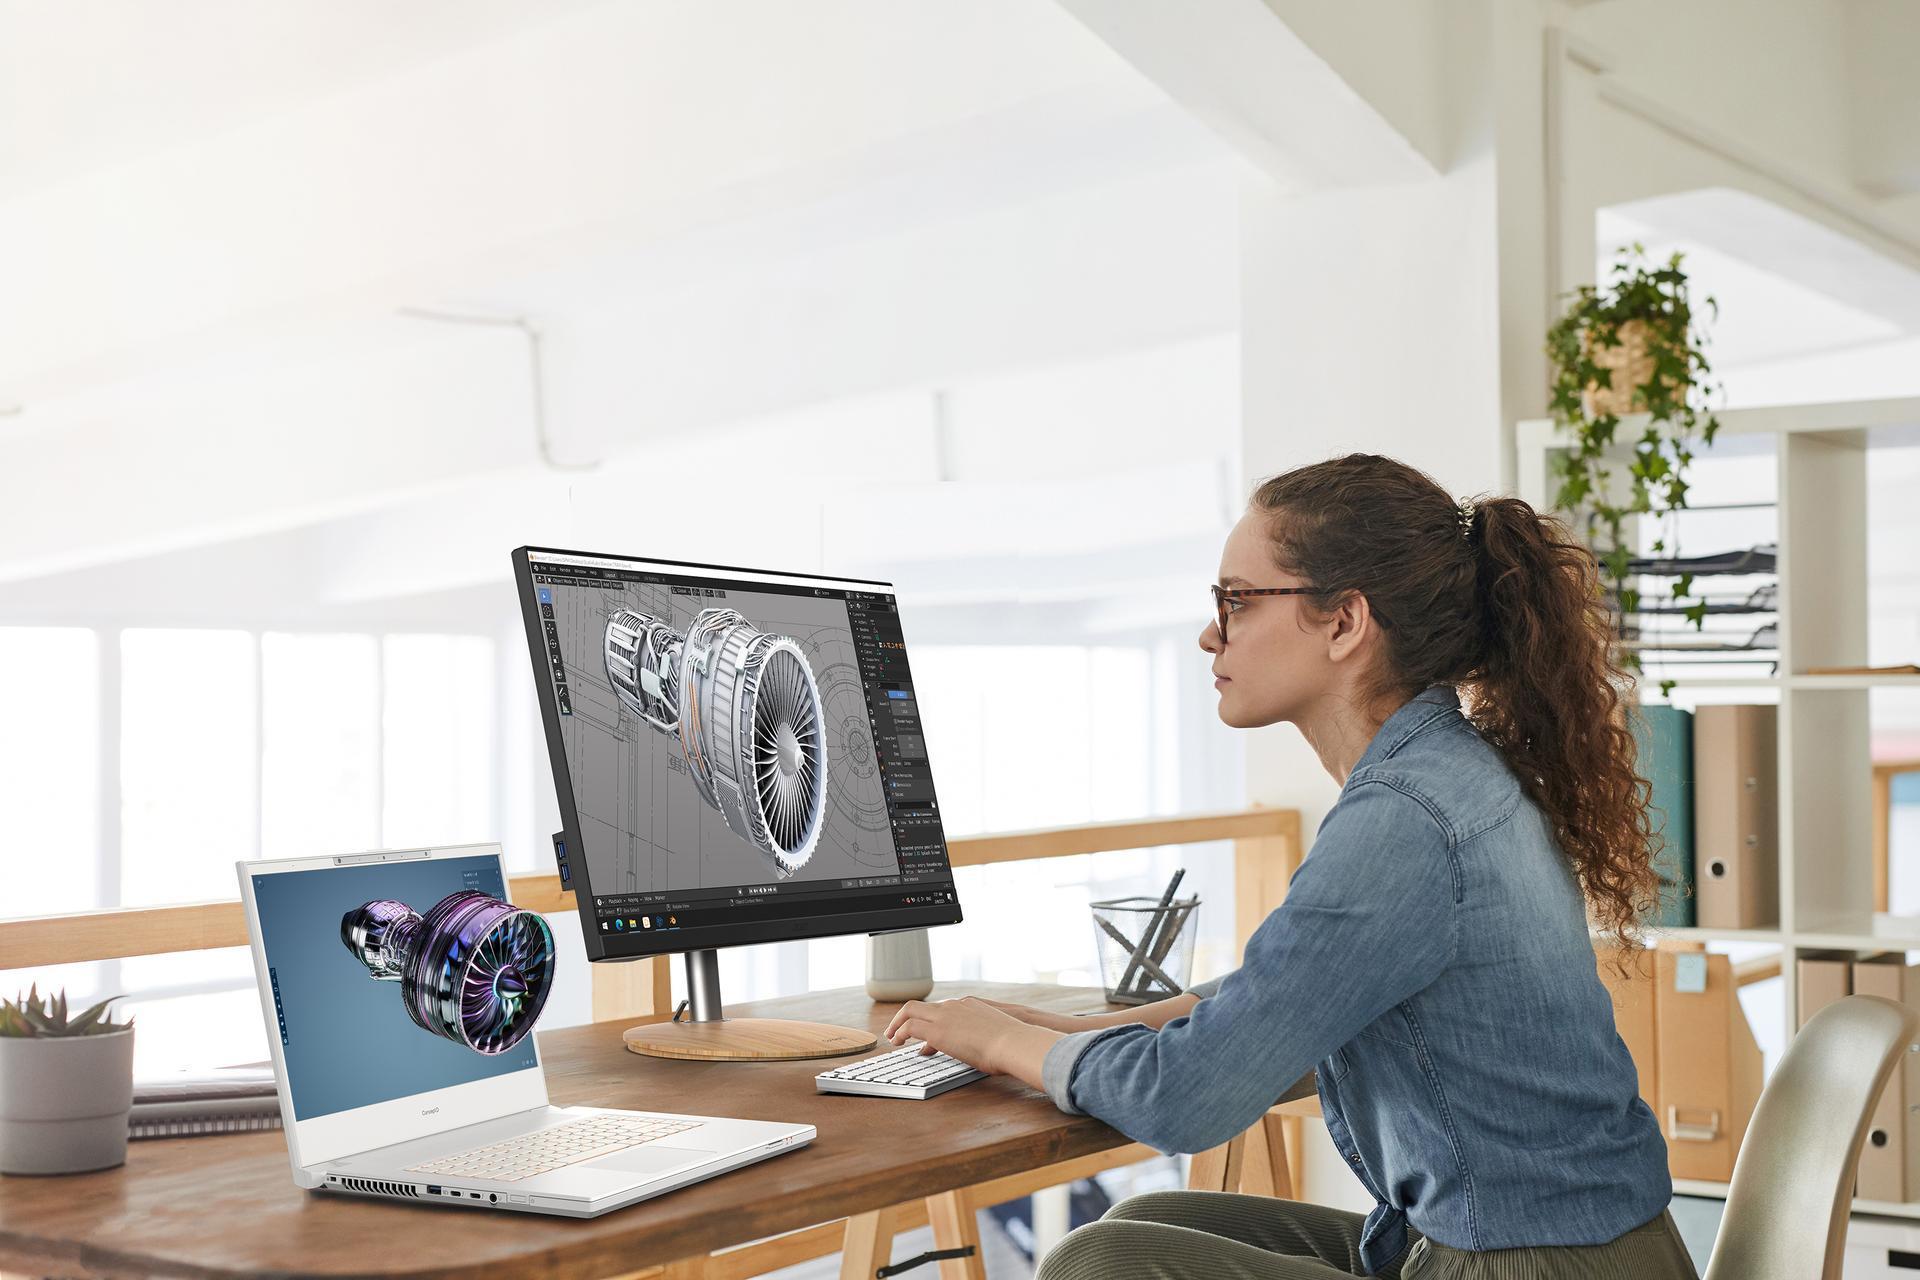 Acer giới thiệu máy tính xách tay ConceptD 7 phiên bản SpatialLabs dành cho người sáng tạo đồ họa 3D